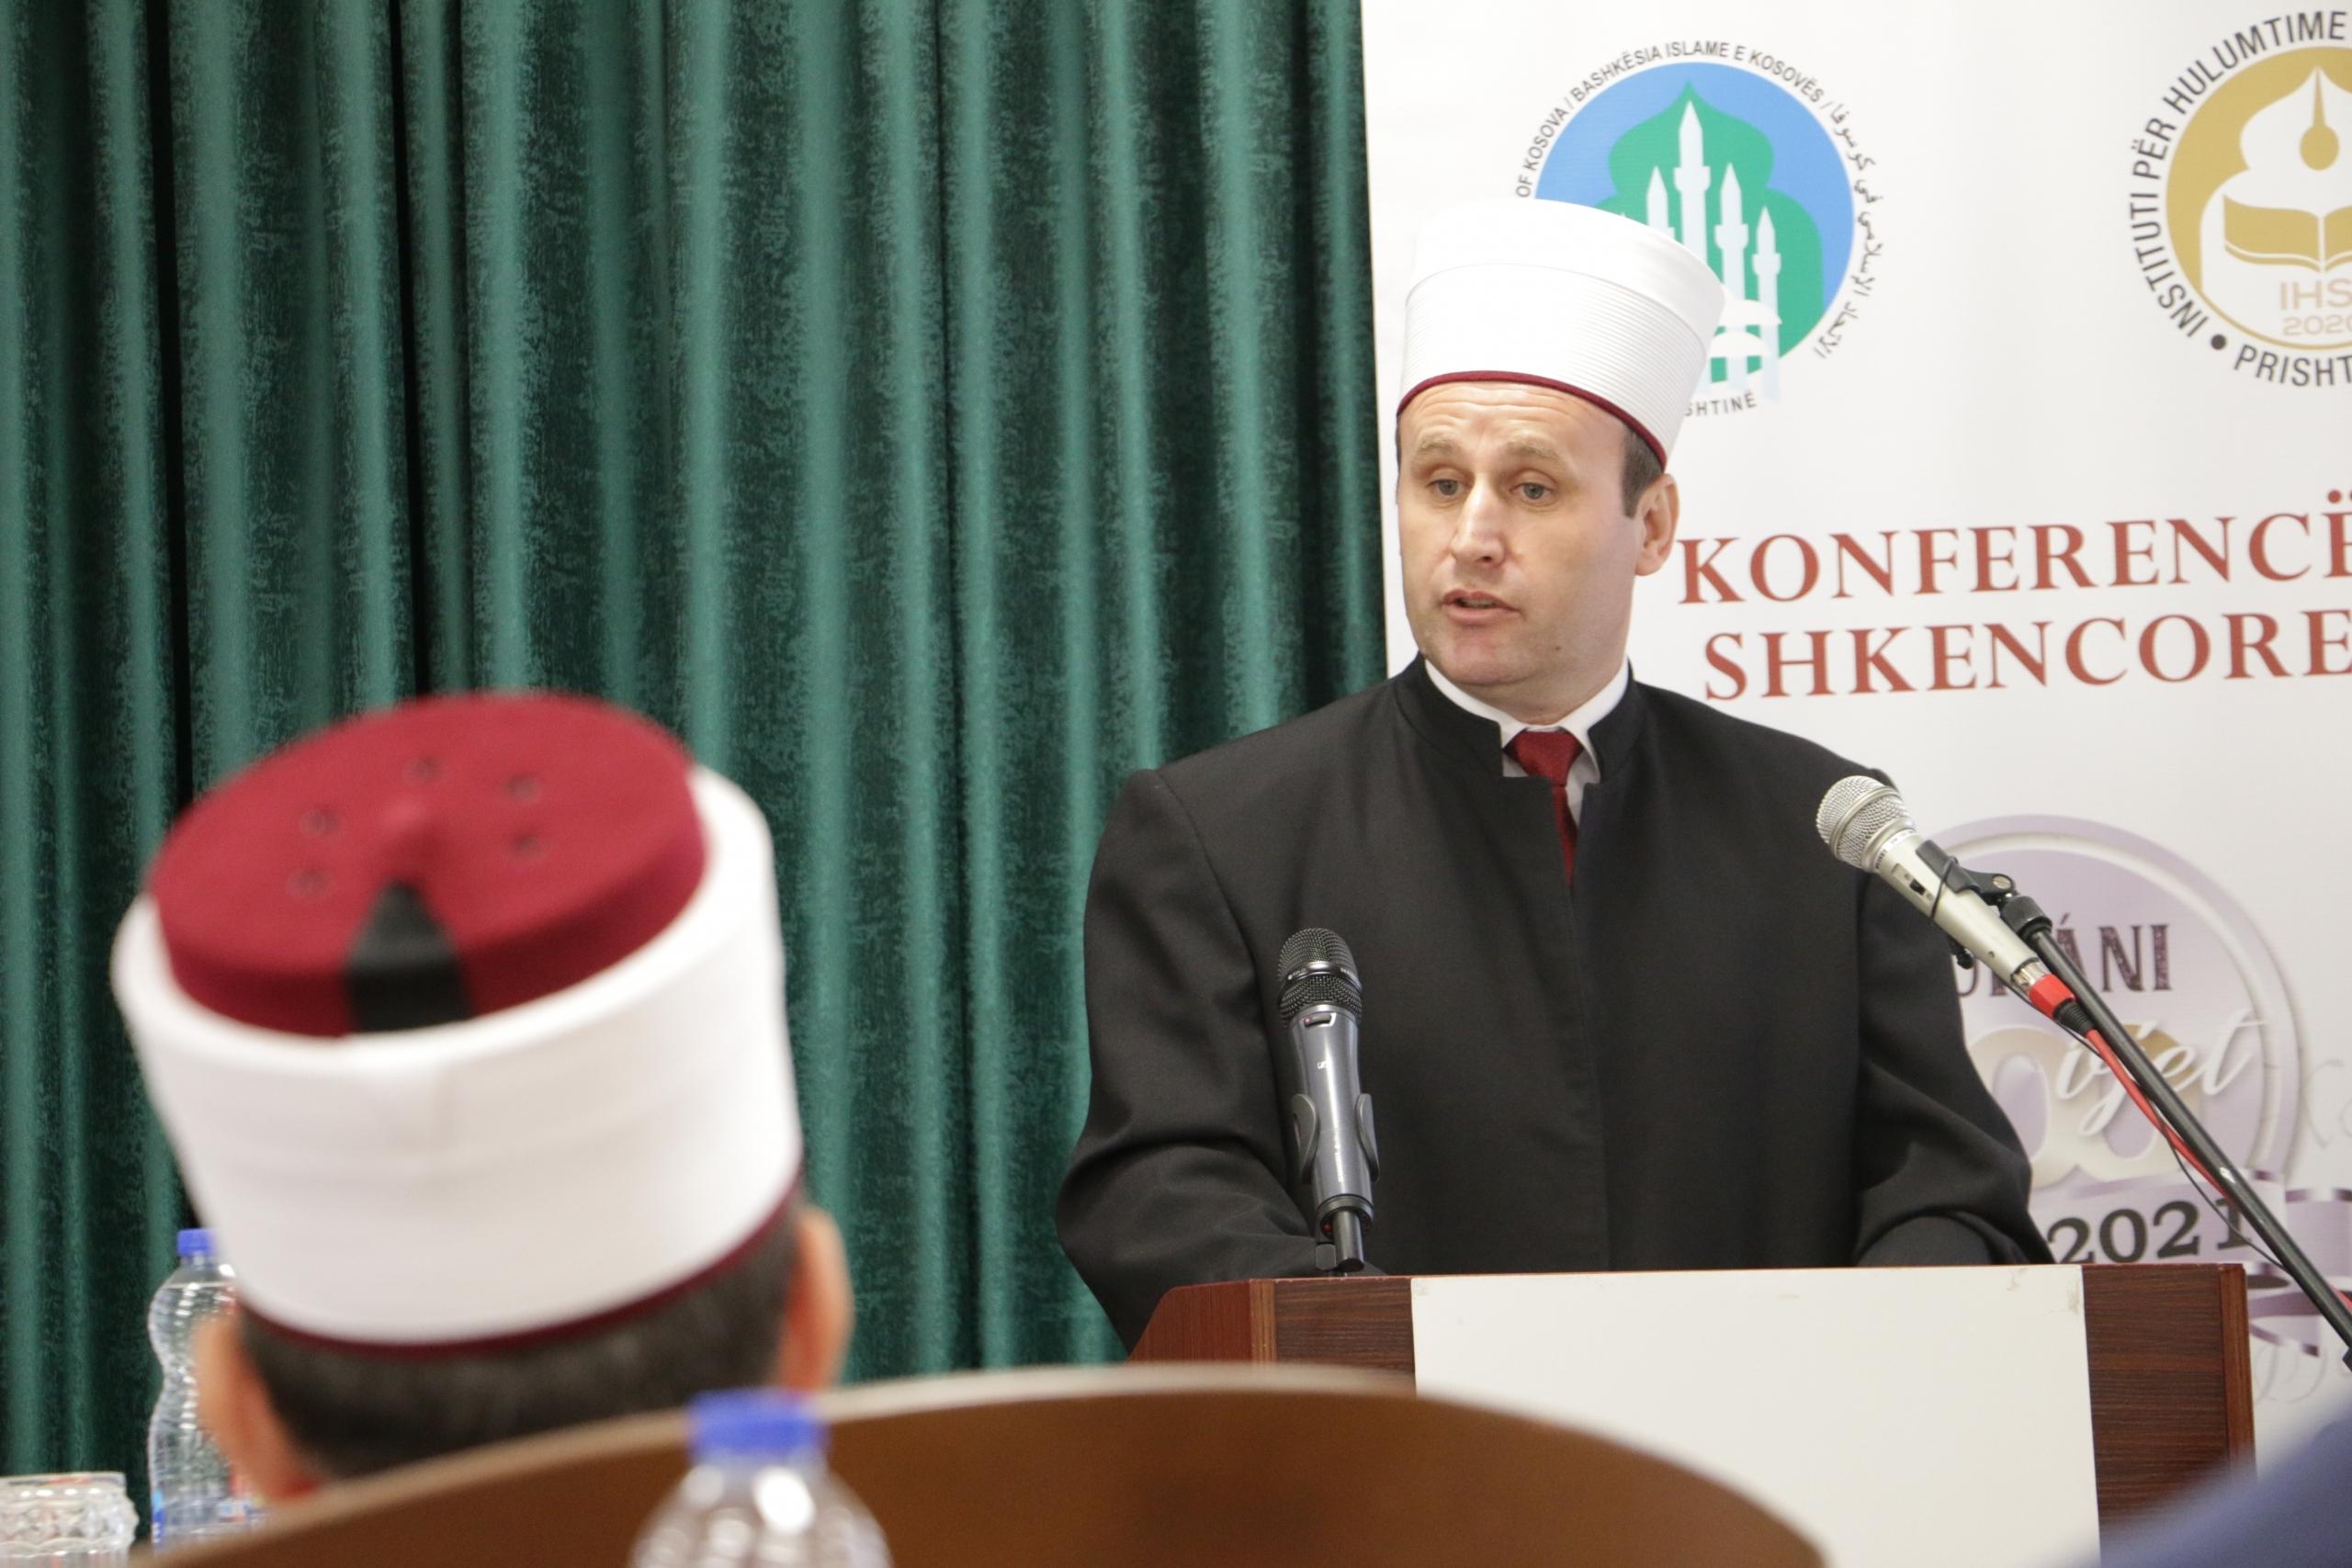 """Konferenca shkencore """"Një shekull nga përkthim i Kuranit nga Ilo Mitkë Qafëzezi""""."""